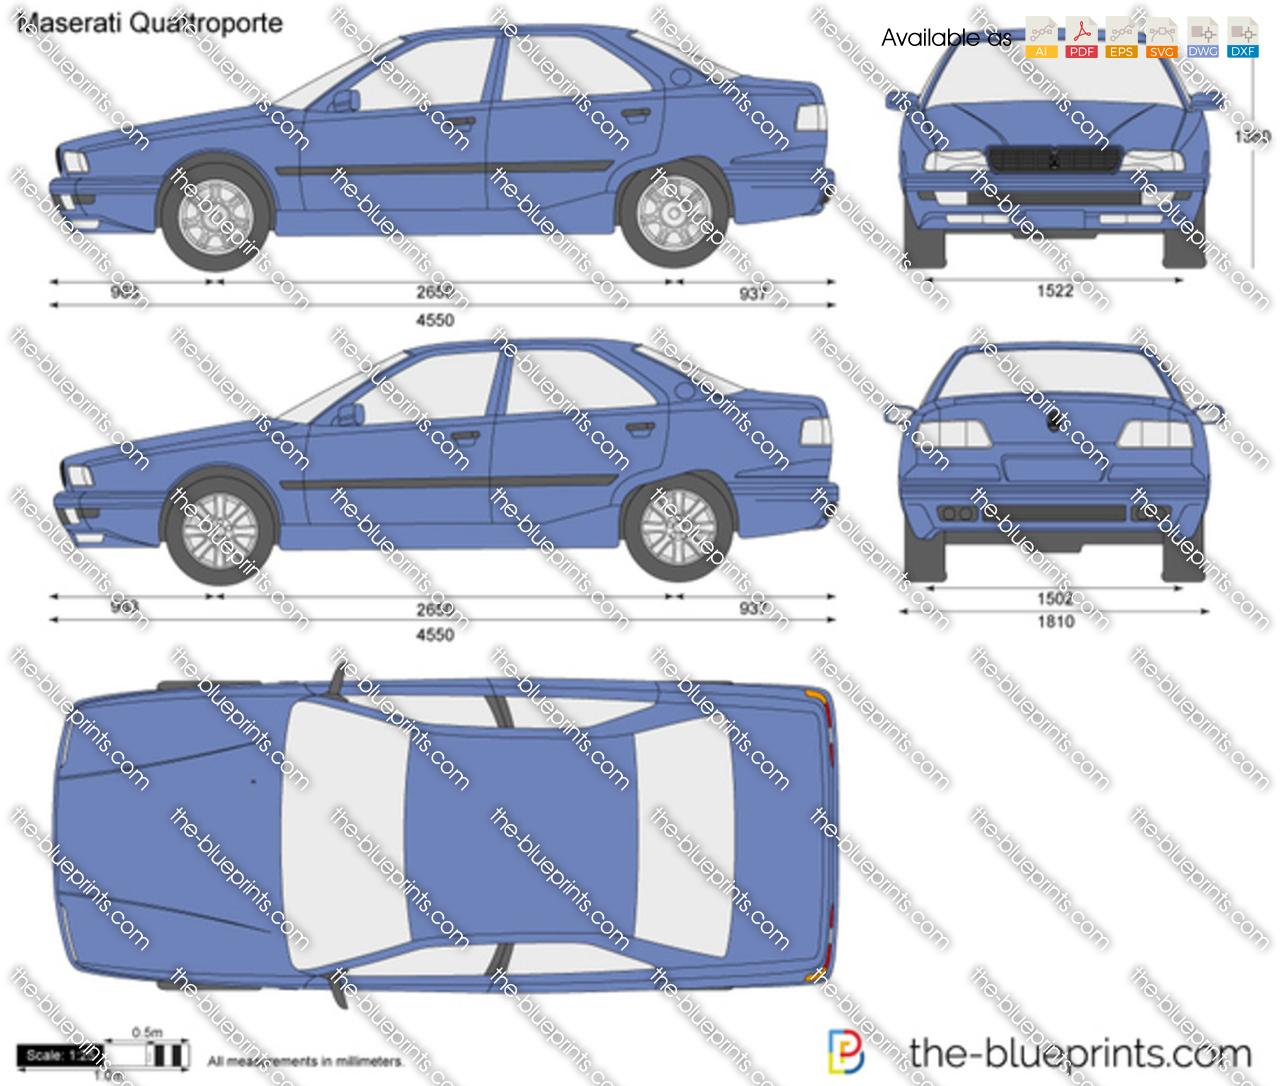 Maserati Quattroporte 1999